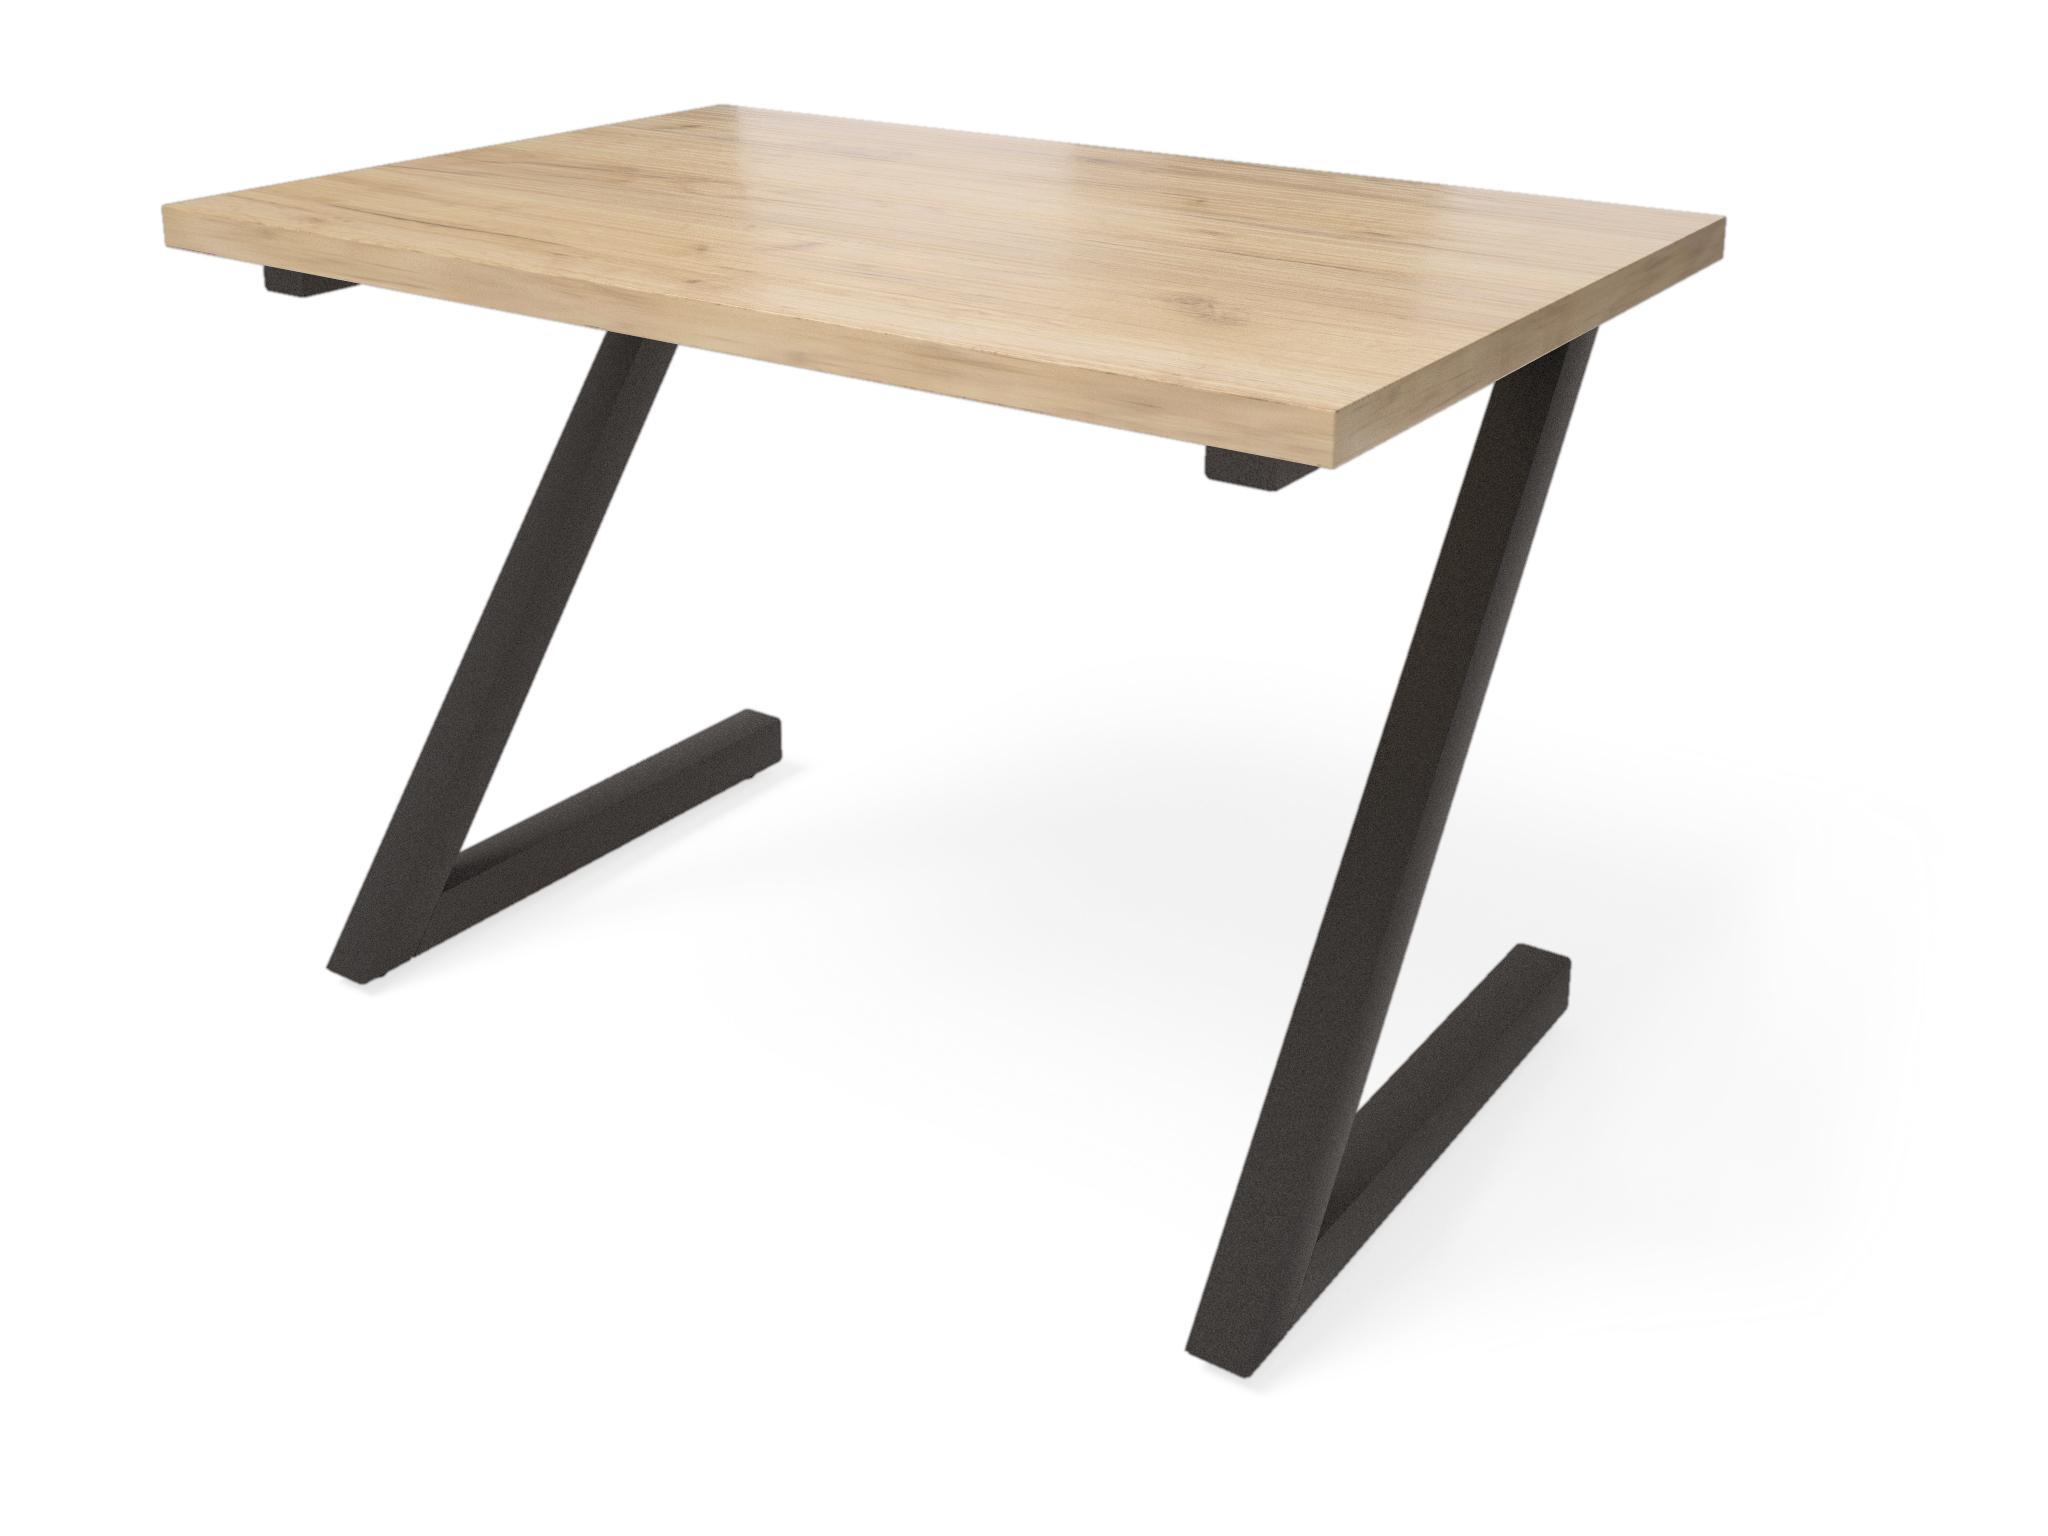 Стол ЛофтПисьменные столы<br>Этот стол покоряет изяществом линий, сочетанием легкости и массивности.&amp;nbsp;Возможны другие цвета и размеры (подробности уточняйте у менеджера).Цвета: дуб белый Craft; дуб золотой Craft; дуб табачный Craft.&amp;nbsp;Опоры выполнены из стали с полимерным покрытием и могут быть: белые, черные, серый кварц.&amp;nbsp;<br><br>kit: None<br>gender: None